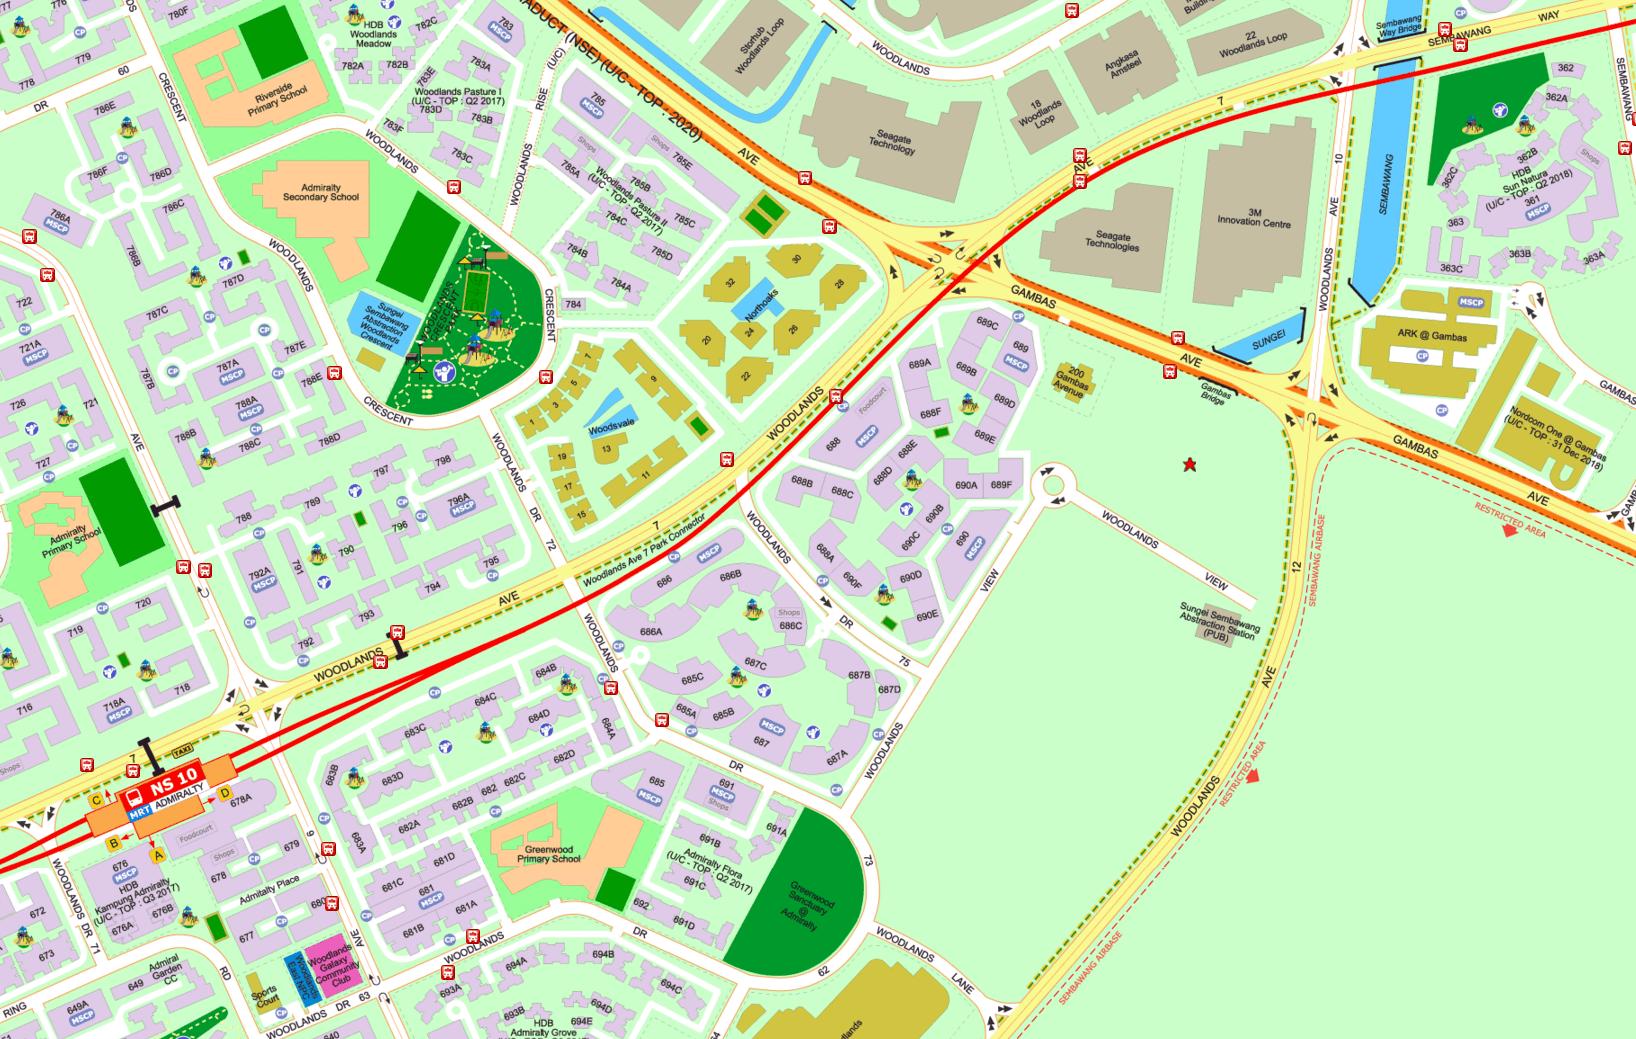 Northwave EC - Street Directory Map